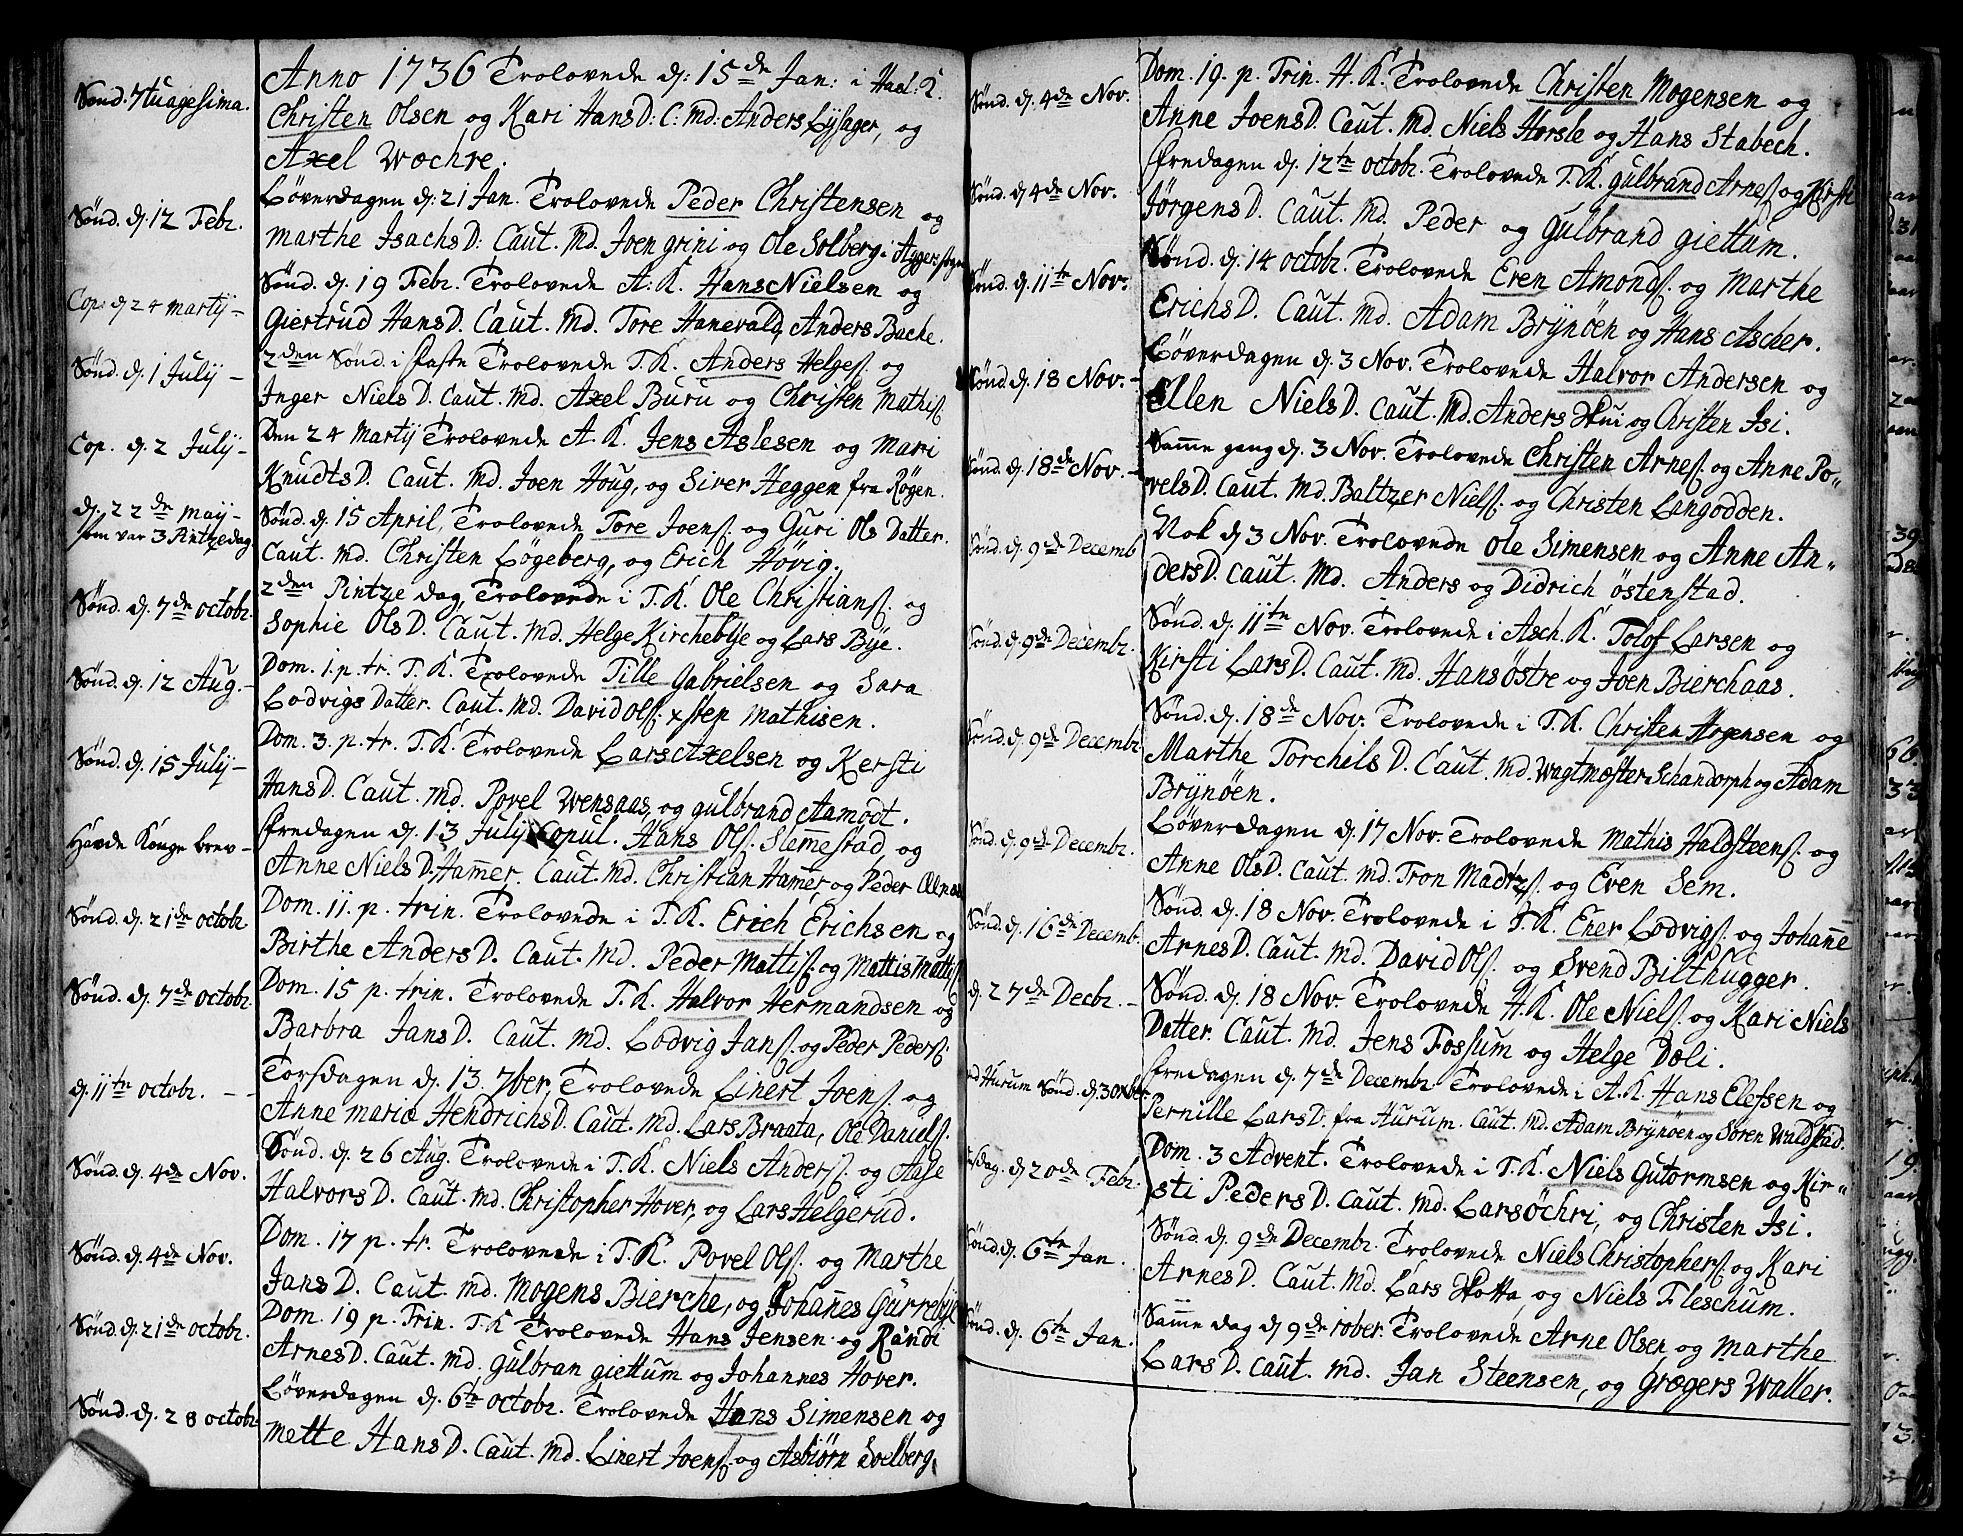 SAO, Asker prestekontor Kirkebøker, F/Fa/L0001: Ministerialbok nr. I 1, 1726-1744, s. 87